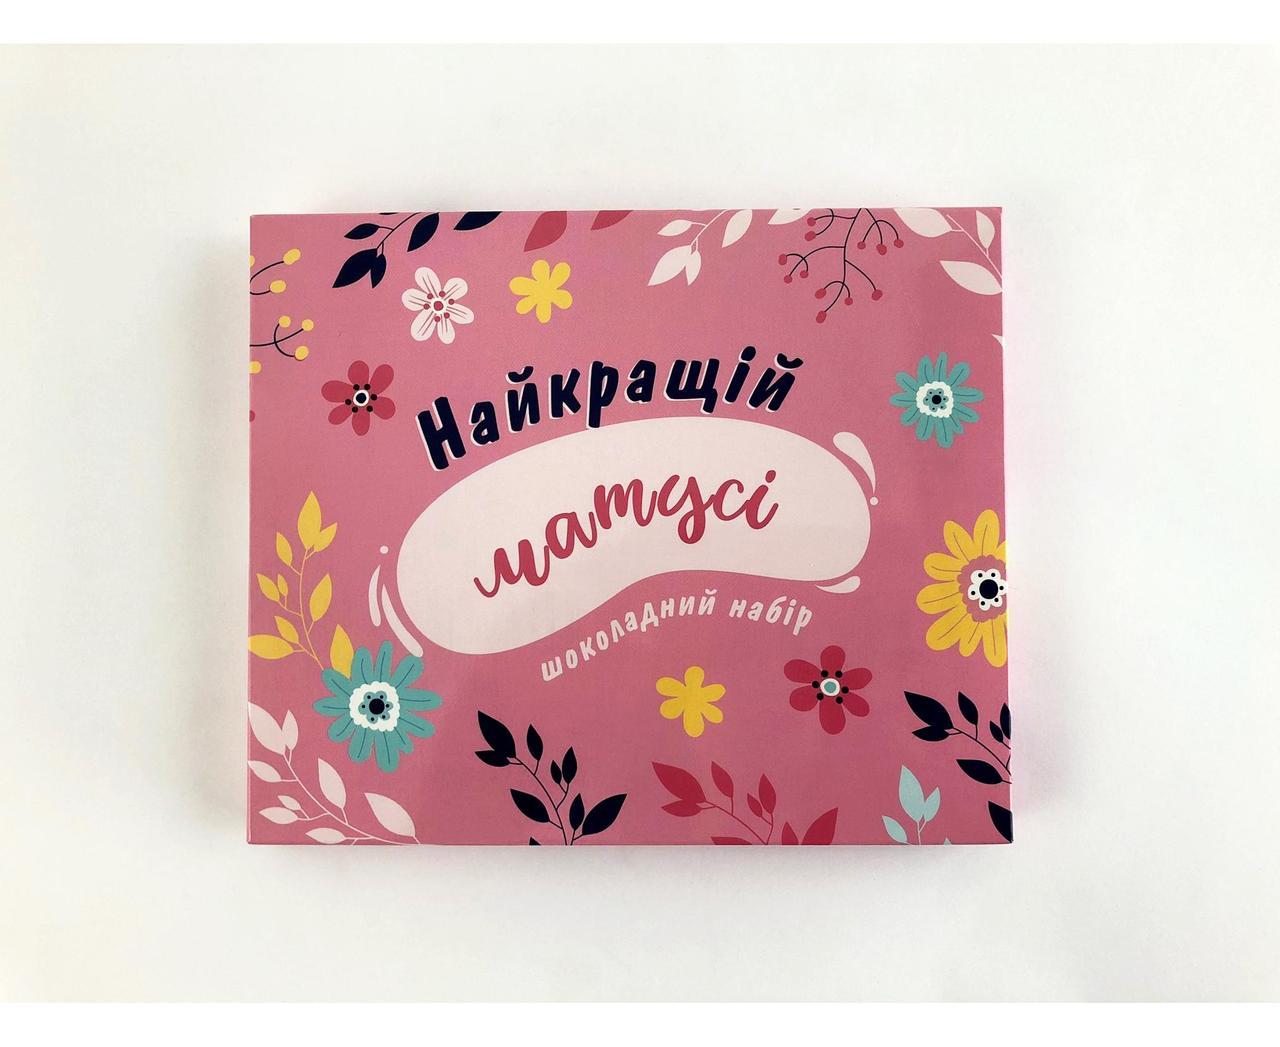 """Шоколадний набор """"Лучшей маме"""" (на украинском) большой  - лучший подарок для мамы - молочный шоколад в подарок"""